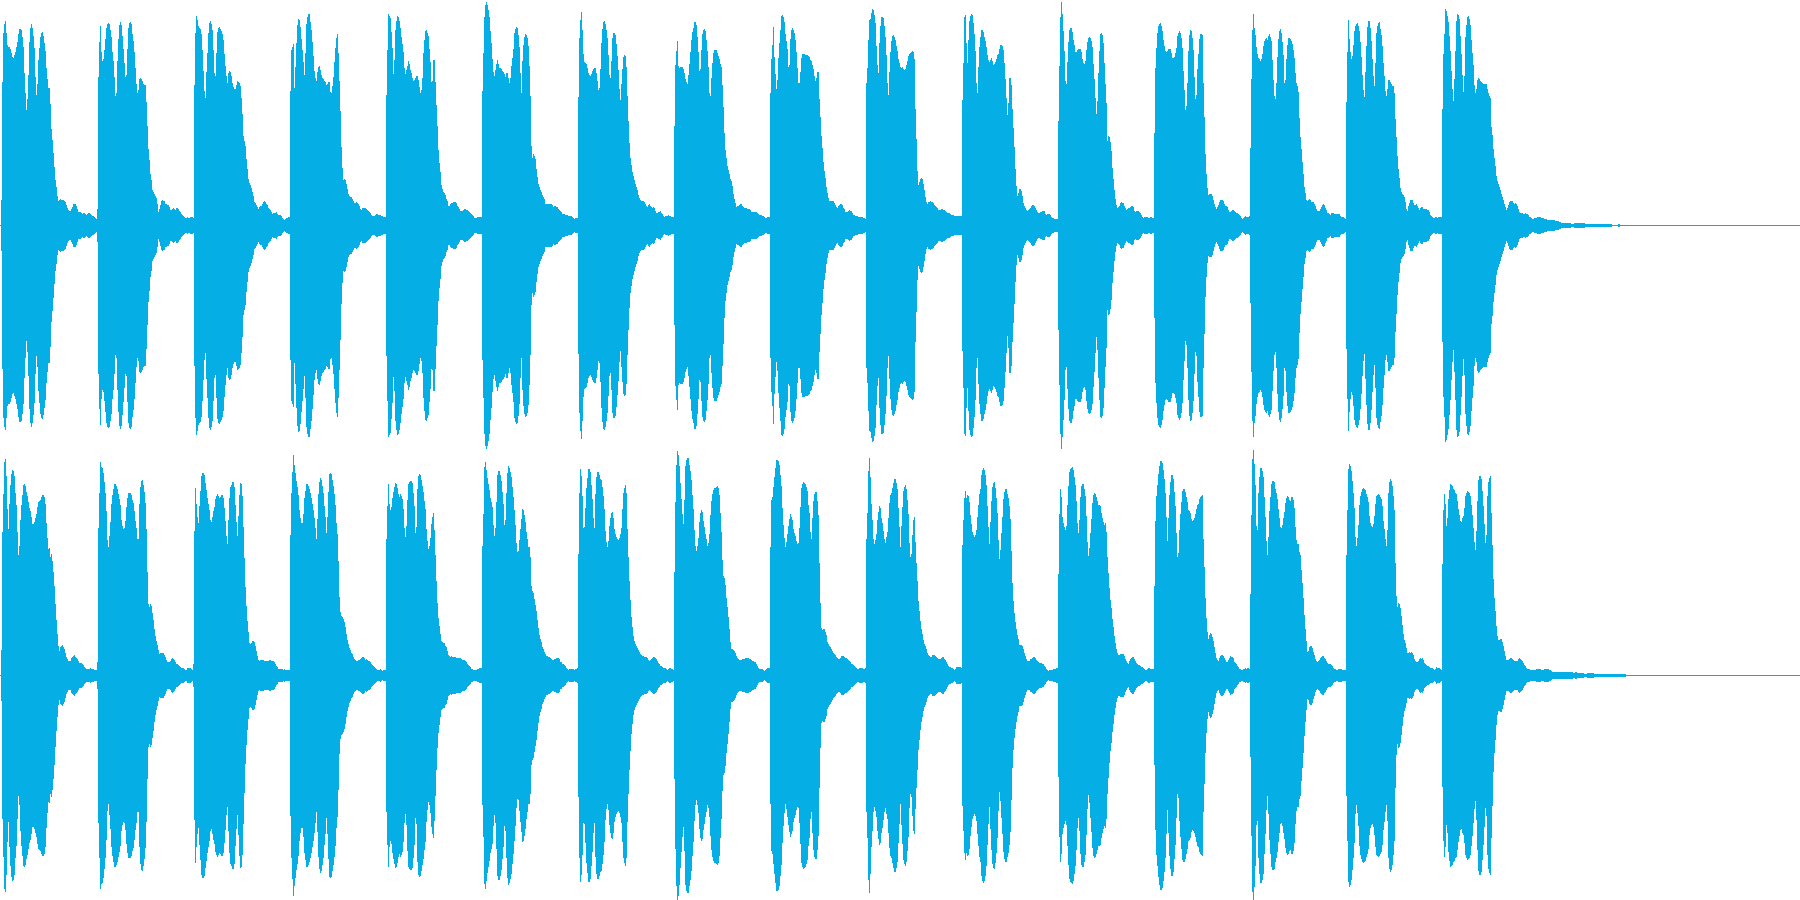 ピーピー...。緊急事態の警報音B(長)の再生済みの波形